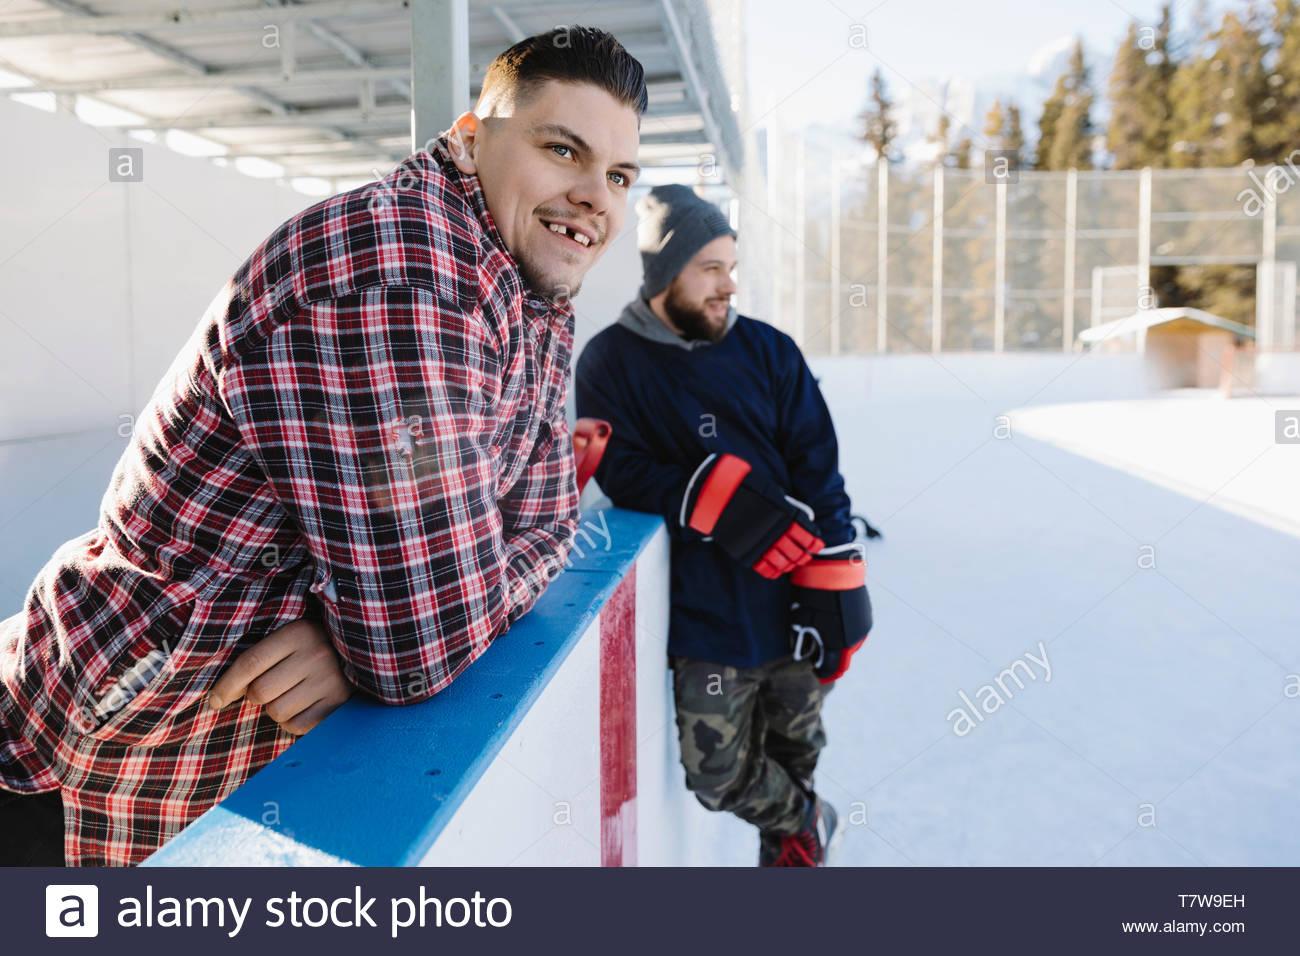 Uomini sorridenti giocare all'aperto di hockey su ghiaccio Immagini Stock